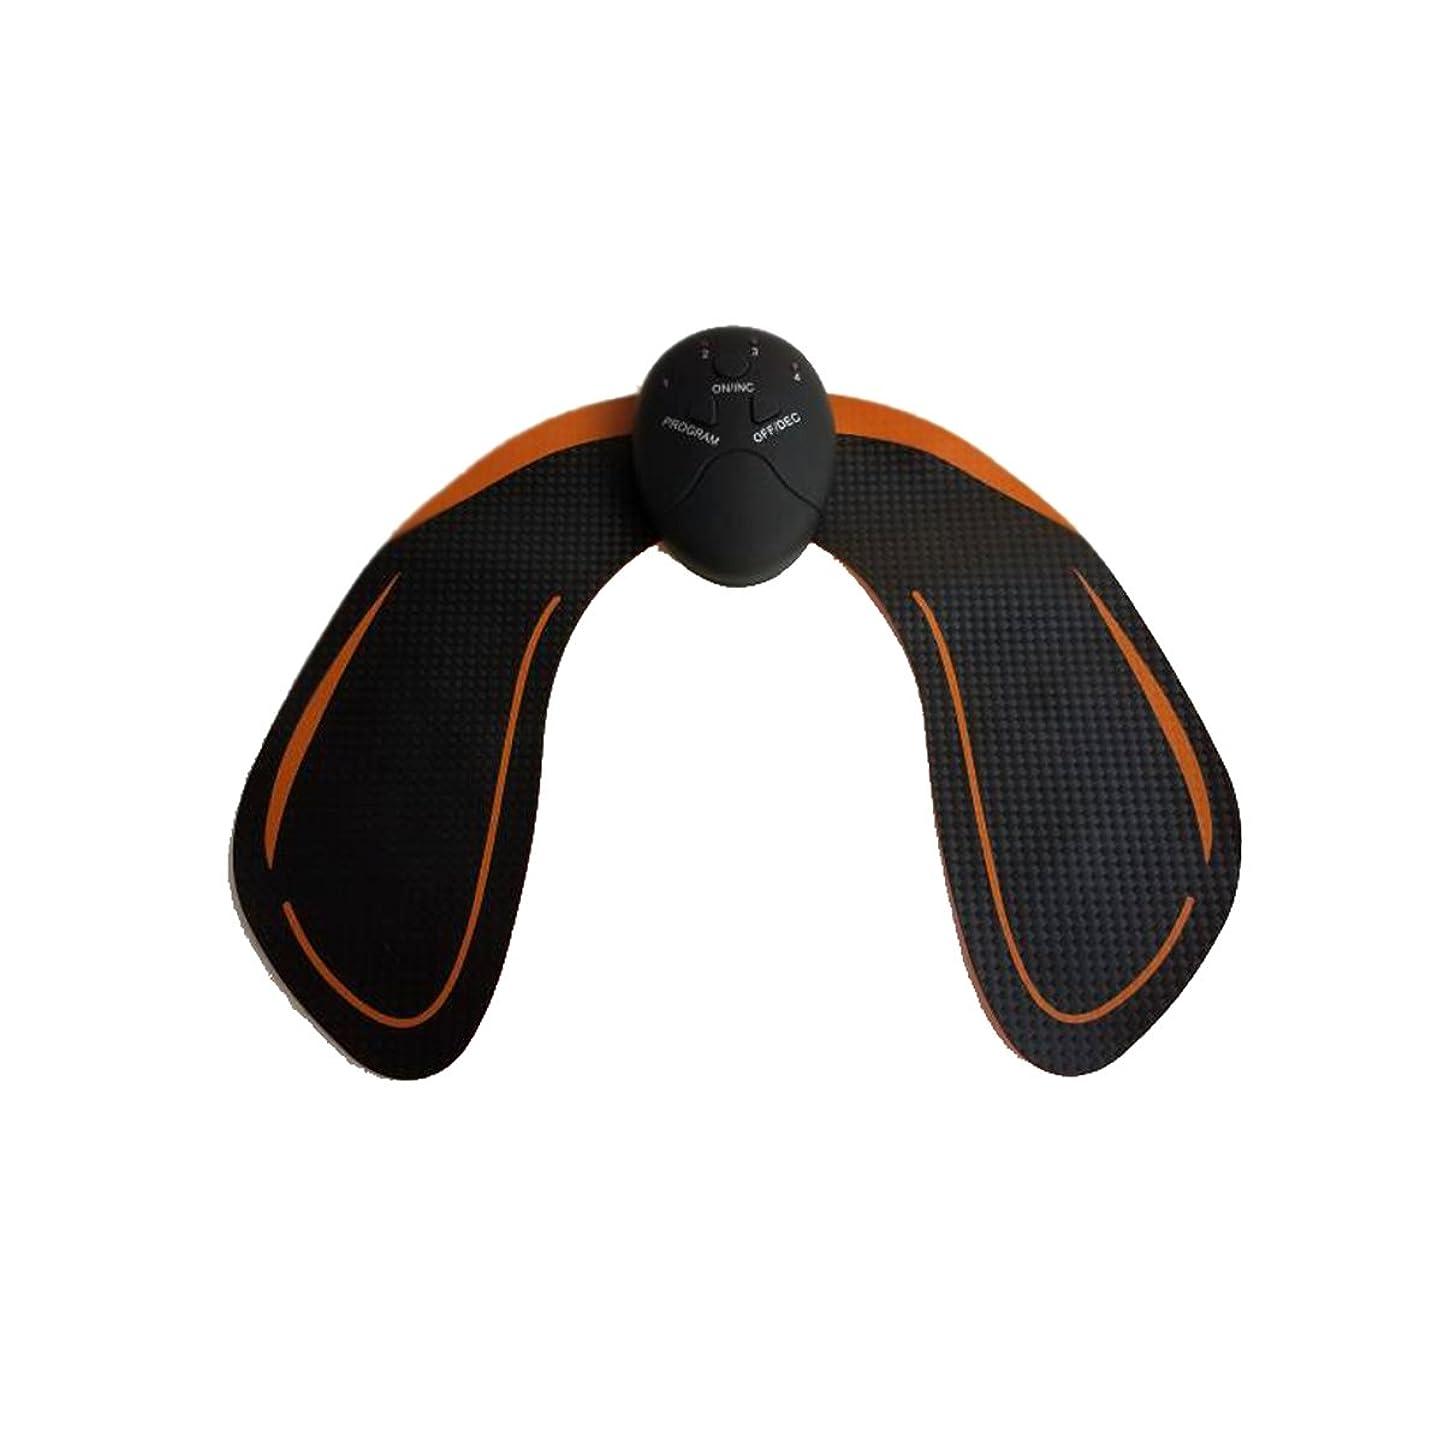 原理ちっちゃいおなじみのHealifty EMS トレーニングパッド ヒップアップ お尻専用 多機能 筋トレ器具 ダイエット 筋肉振動 引き締める 強さ階段調節 電池式 男女兼用(黒)